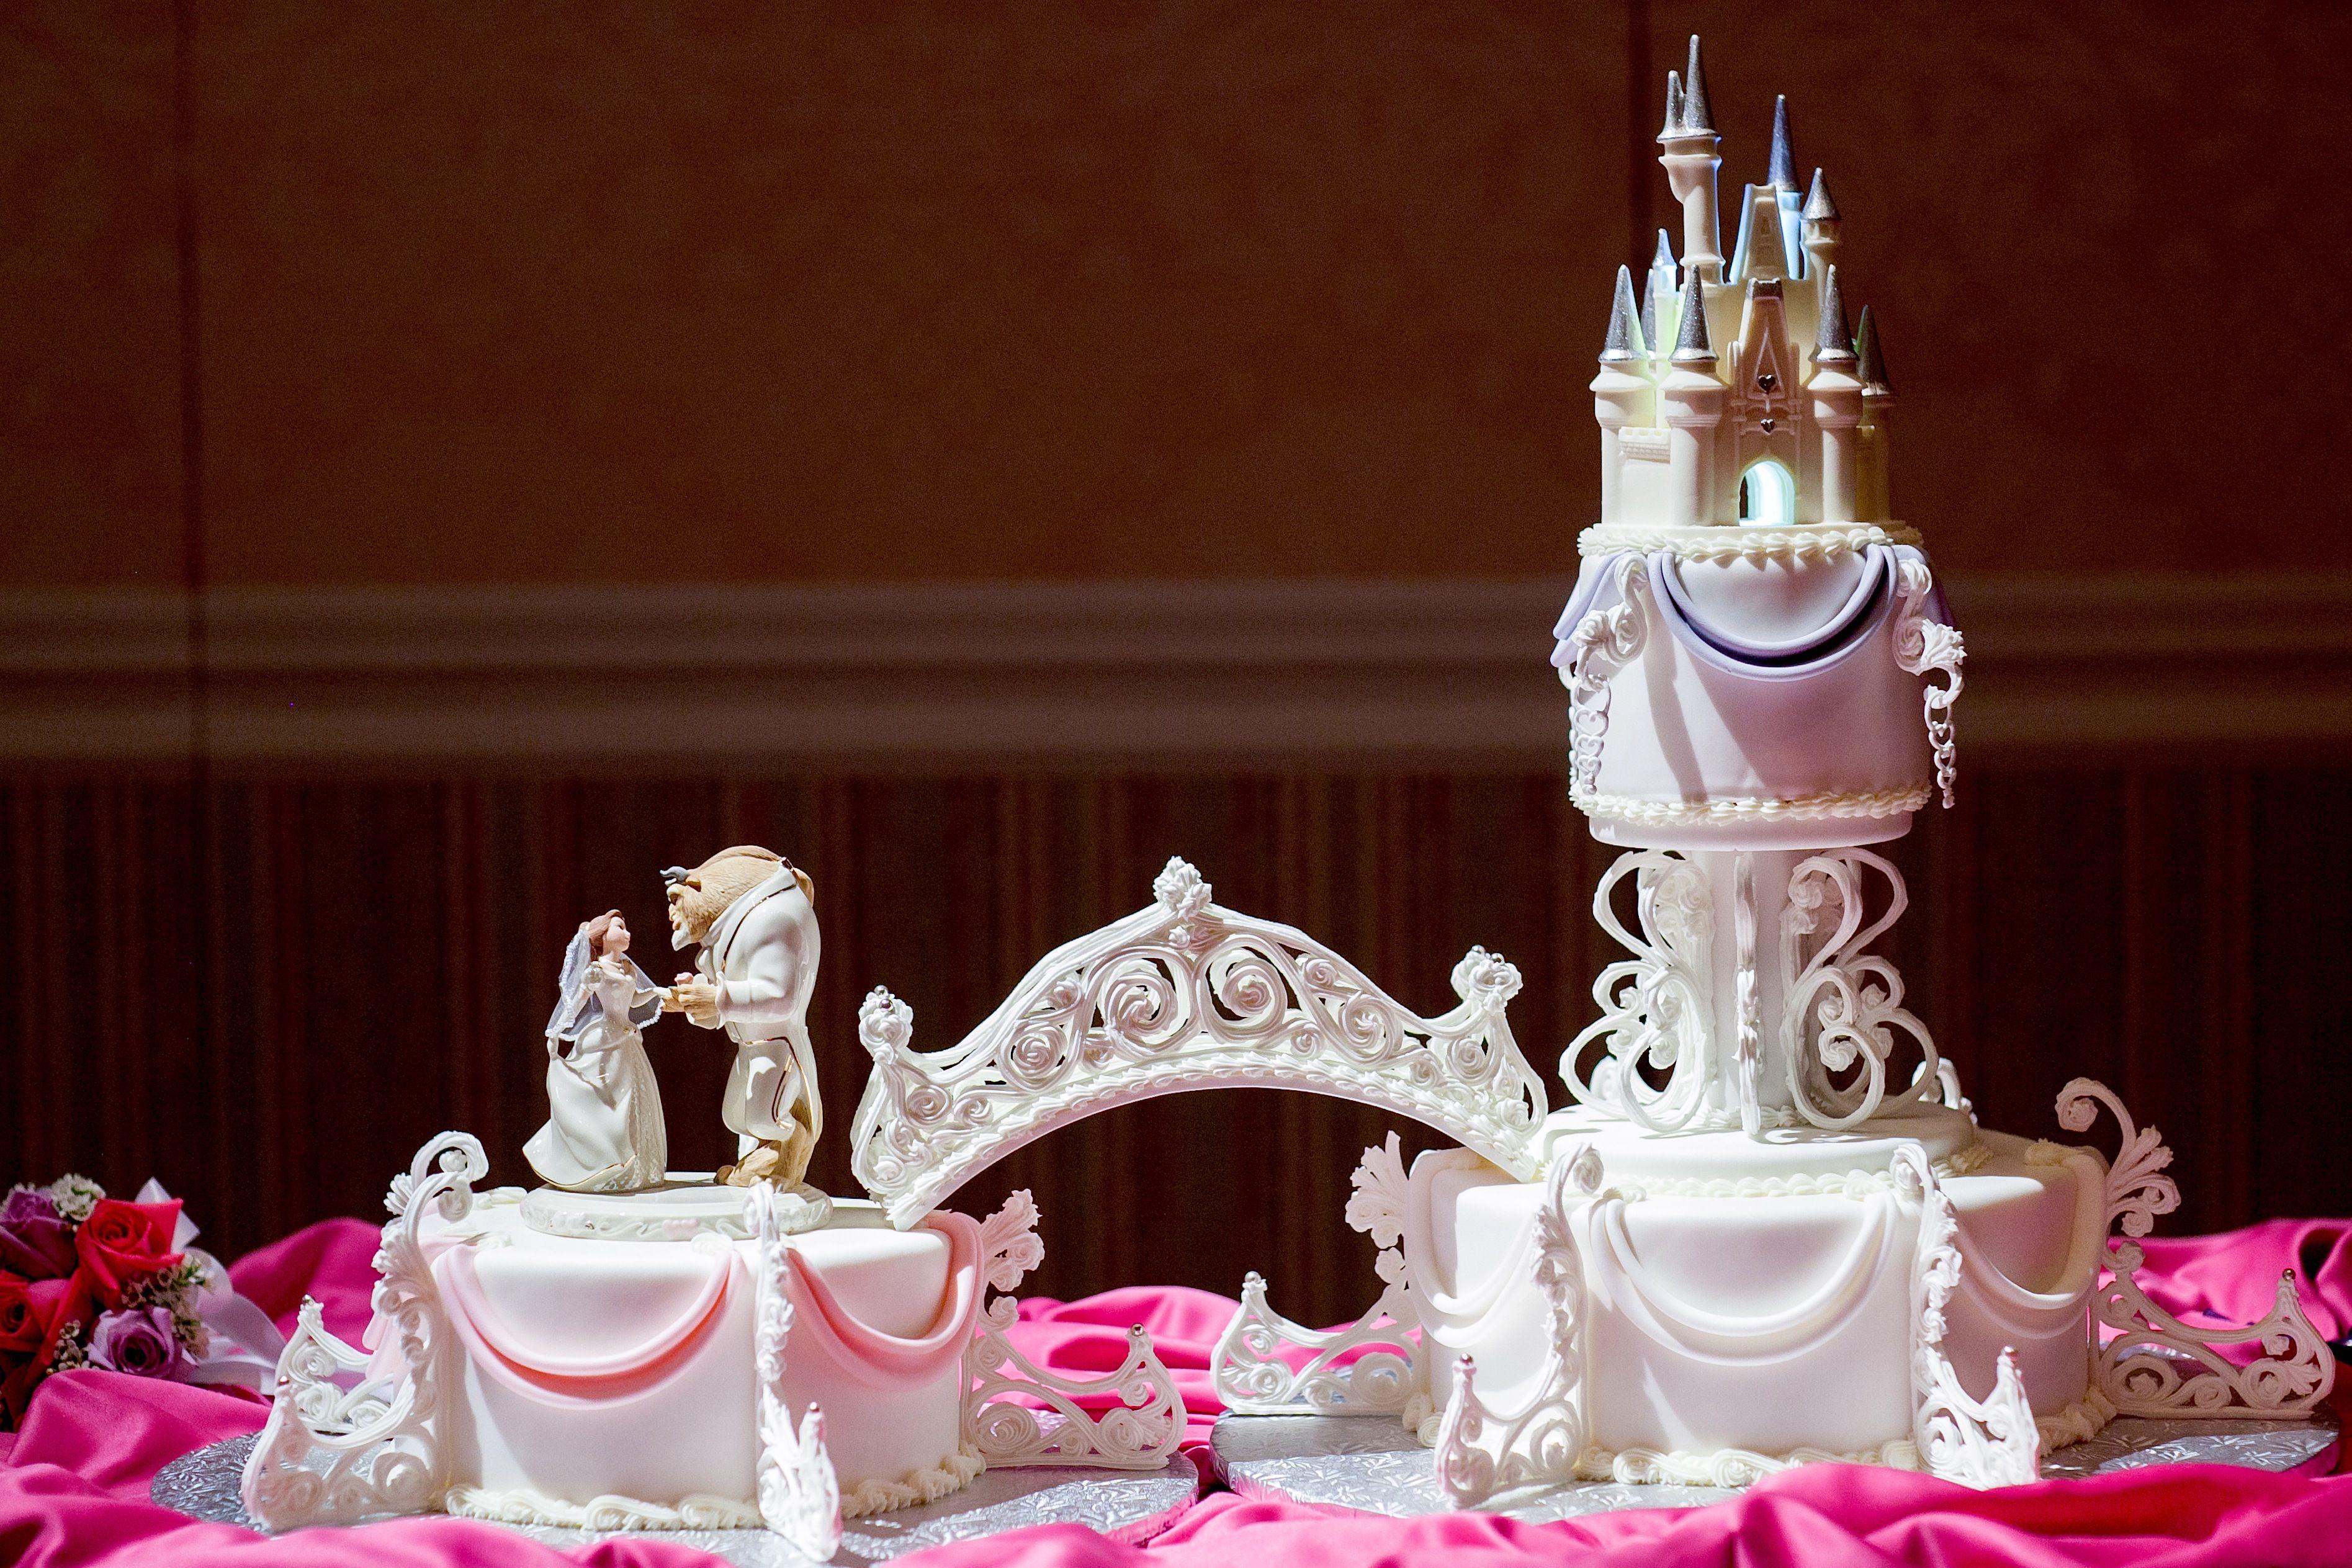 Beauty And The Beast Cake Idea W E D D I N G I D E A S